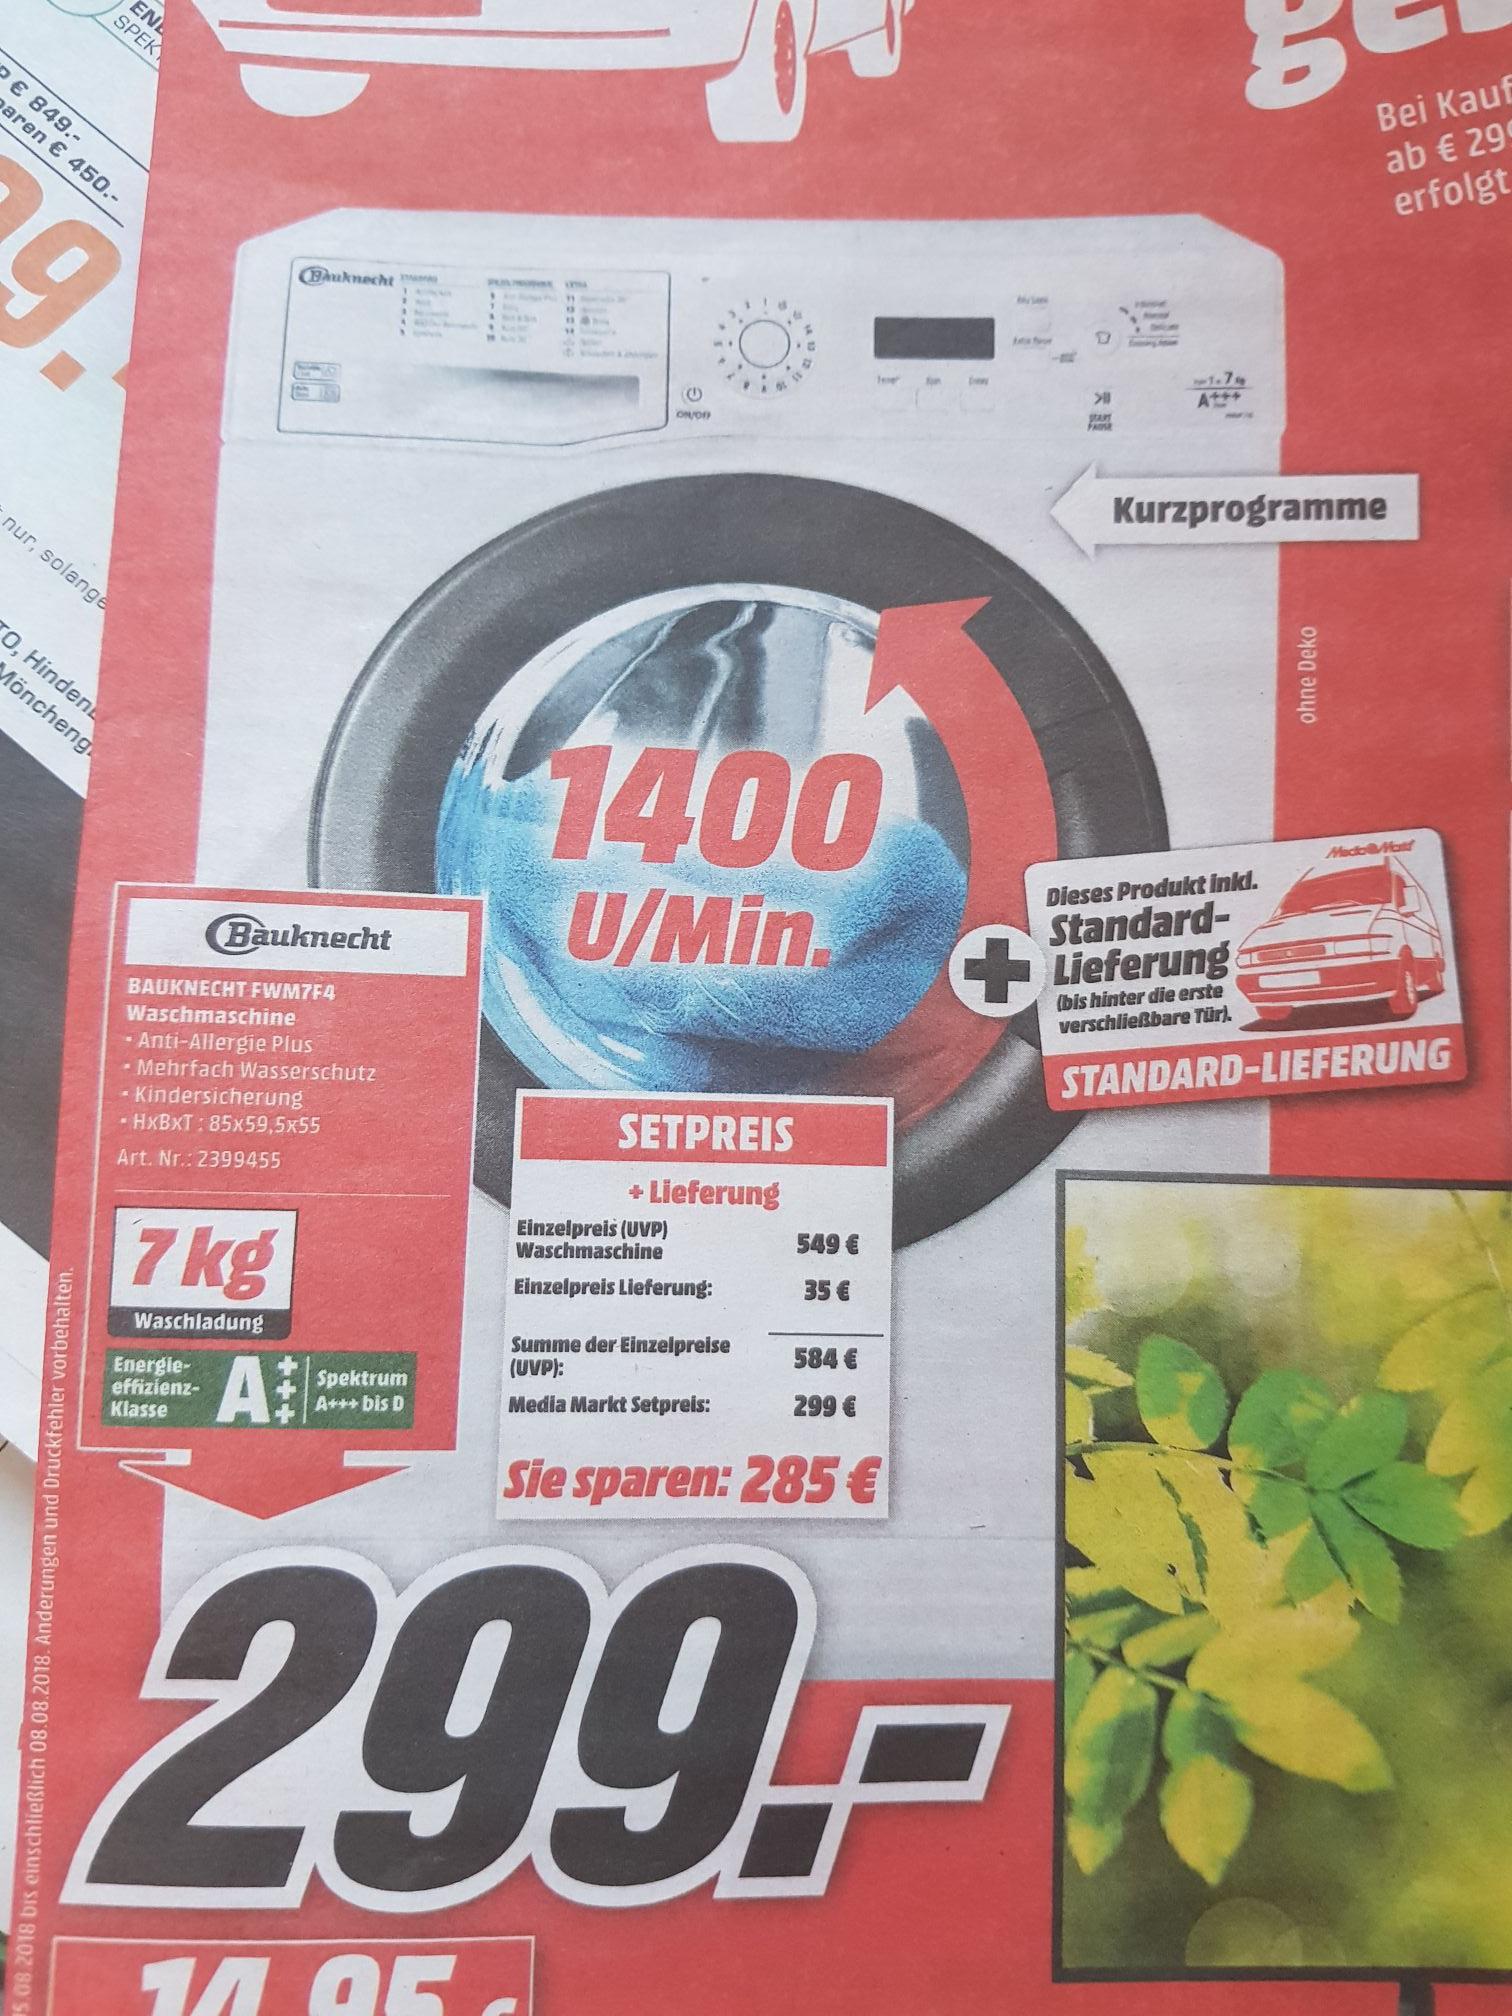 (Media Markt Mönchengladbach) Bauknecht FWM7F4 Waschmaschine inkl.Lieferung A+++